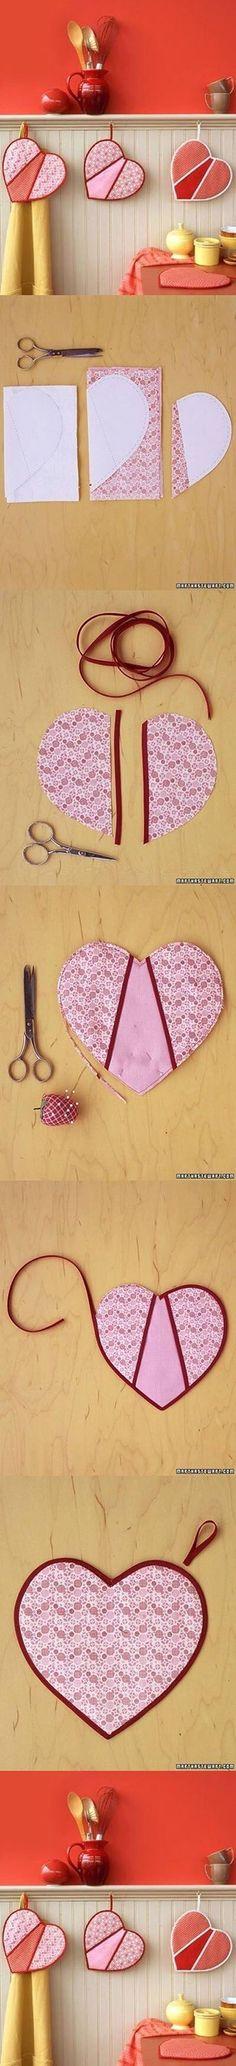 처음 바느질 할 때 한 번씩 만드는 아이템 중의 하나가 주방장갑이죠.^^ 기왕 만들려면 이뿌게 만들면 좋잖...